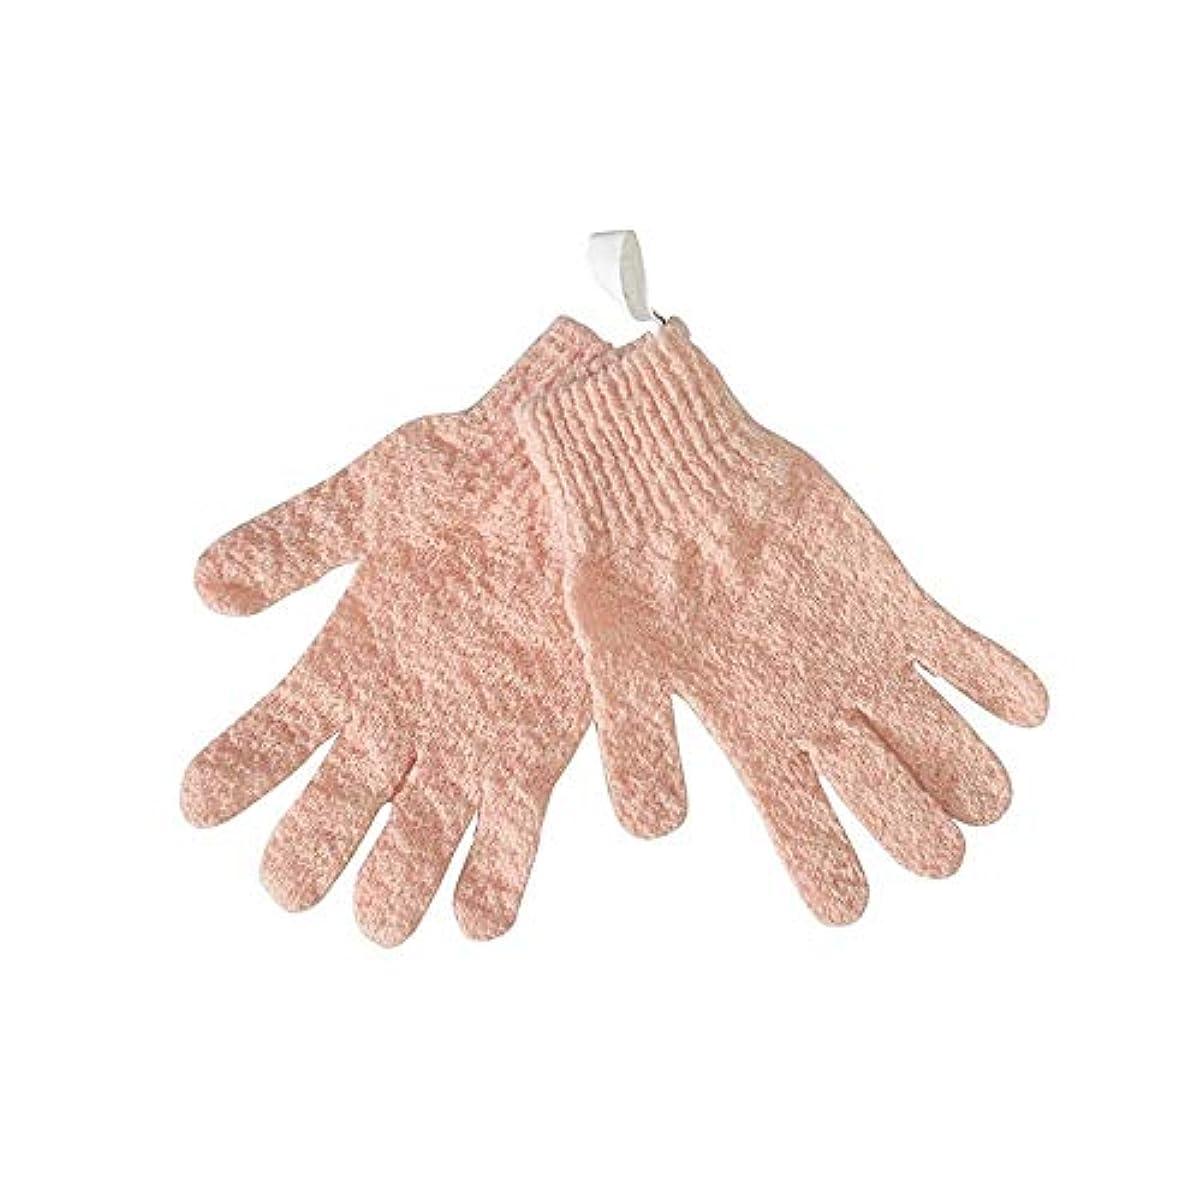 にもかかわらず料理場合BTXXYJP シャワー手袋 お風呂用手袋 あかすり手袋 ボディブラシ ボディタオル やわらか バス用品 男女兼用 角質除去 (Color : Pink)